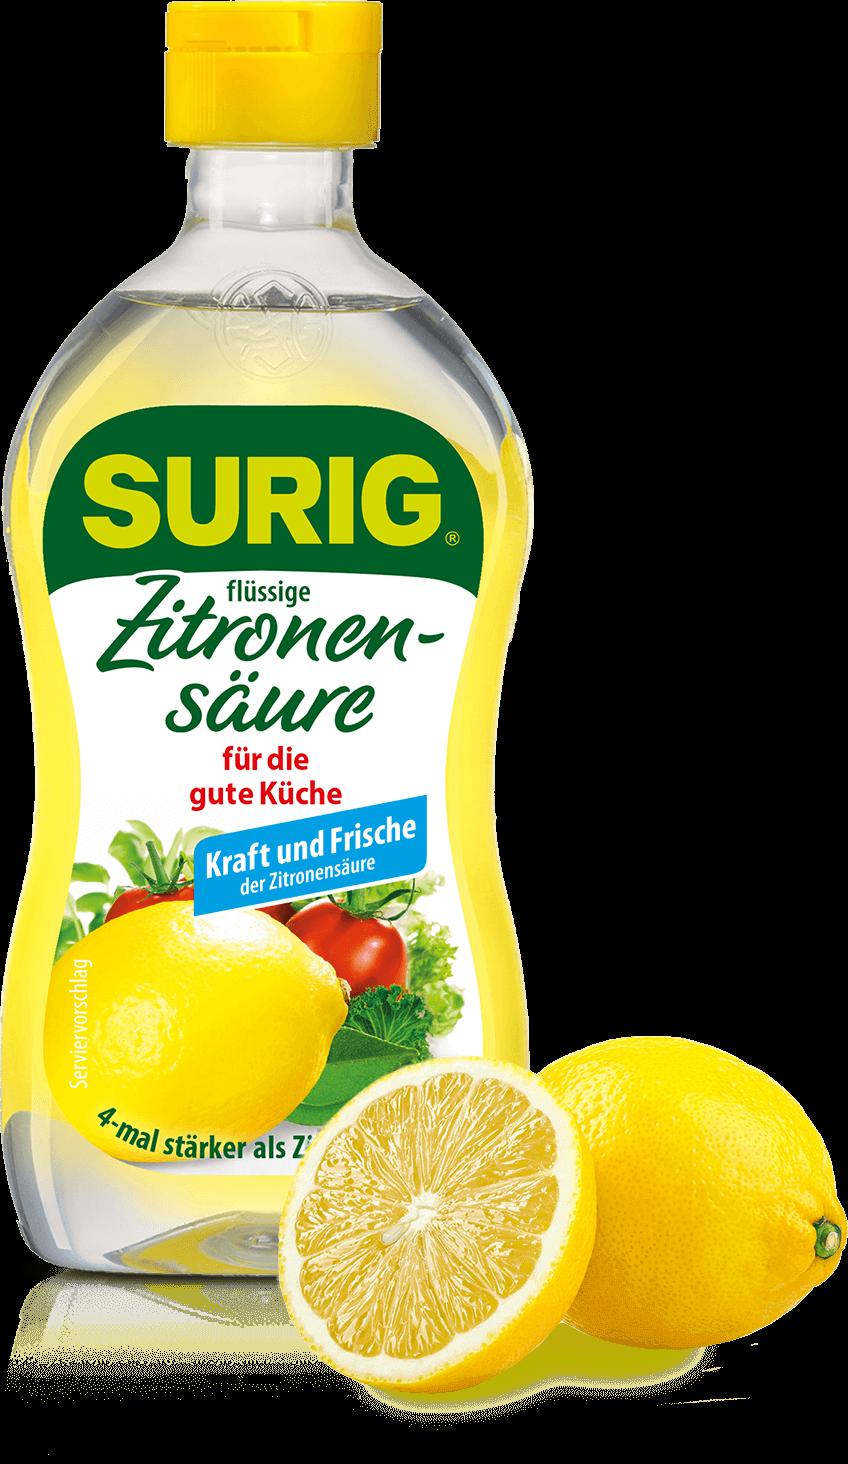 Surig Zitronensäure